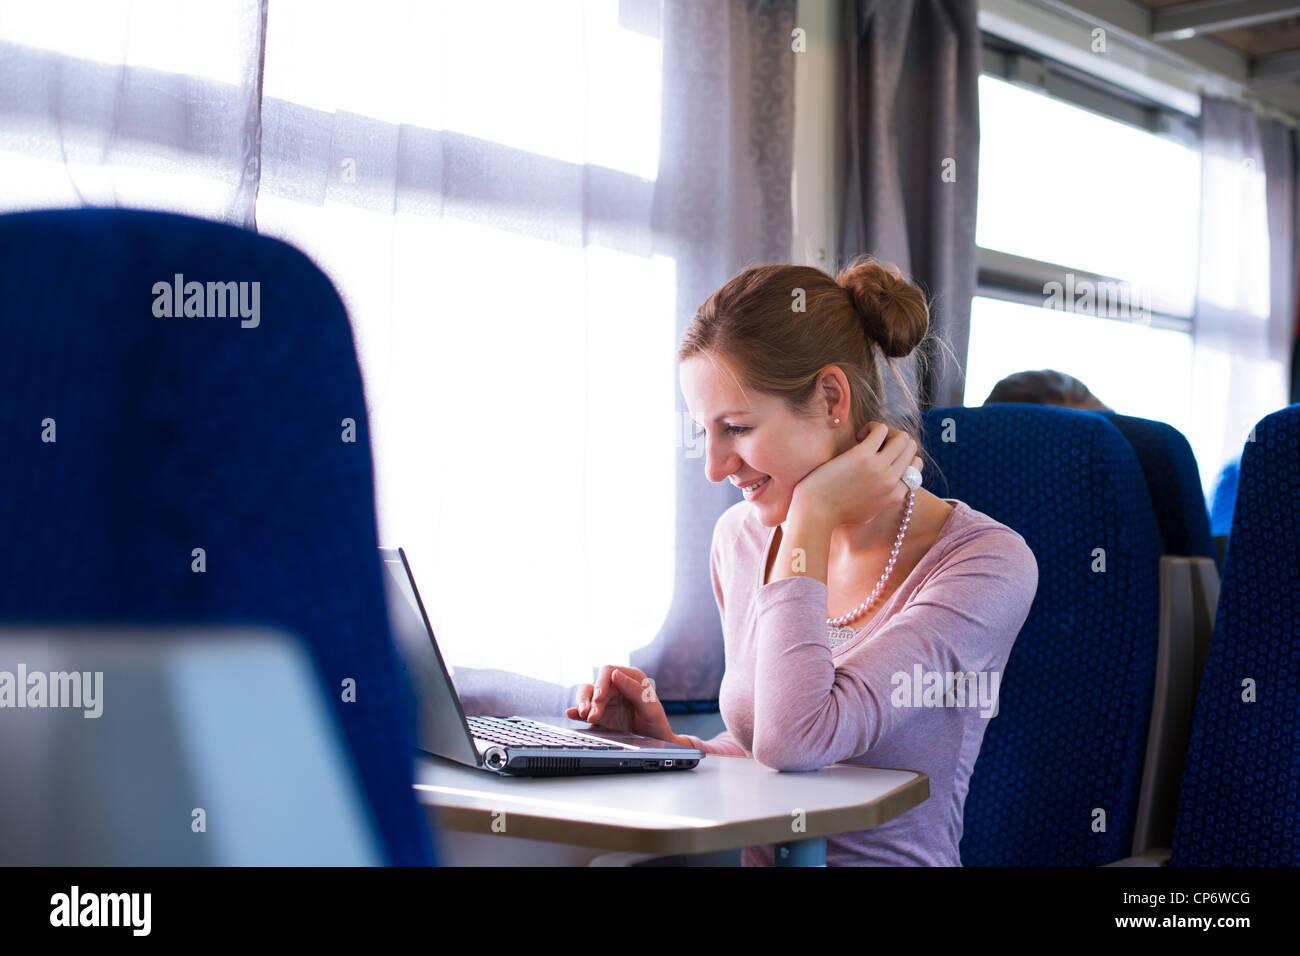 Mujer joven con su ordenador portátil mientras el tren (DOF superficial; imagen en tonos de color) Imagen De Stock